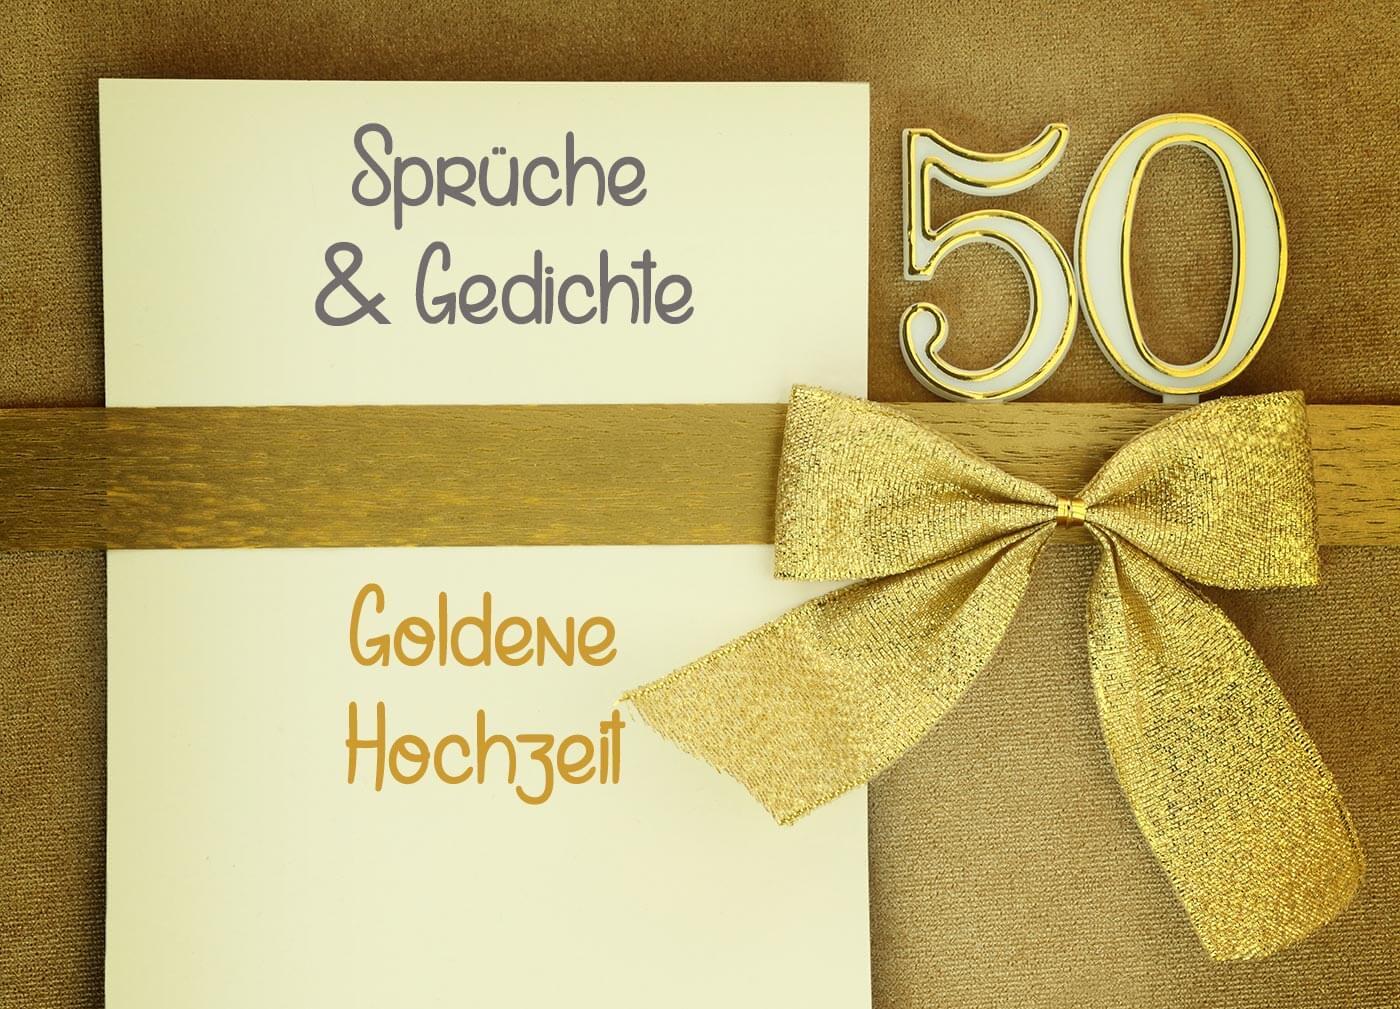 Spruche Goldene Hochzeit Spruche Zur Goldenen Hochzeit Spruche